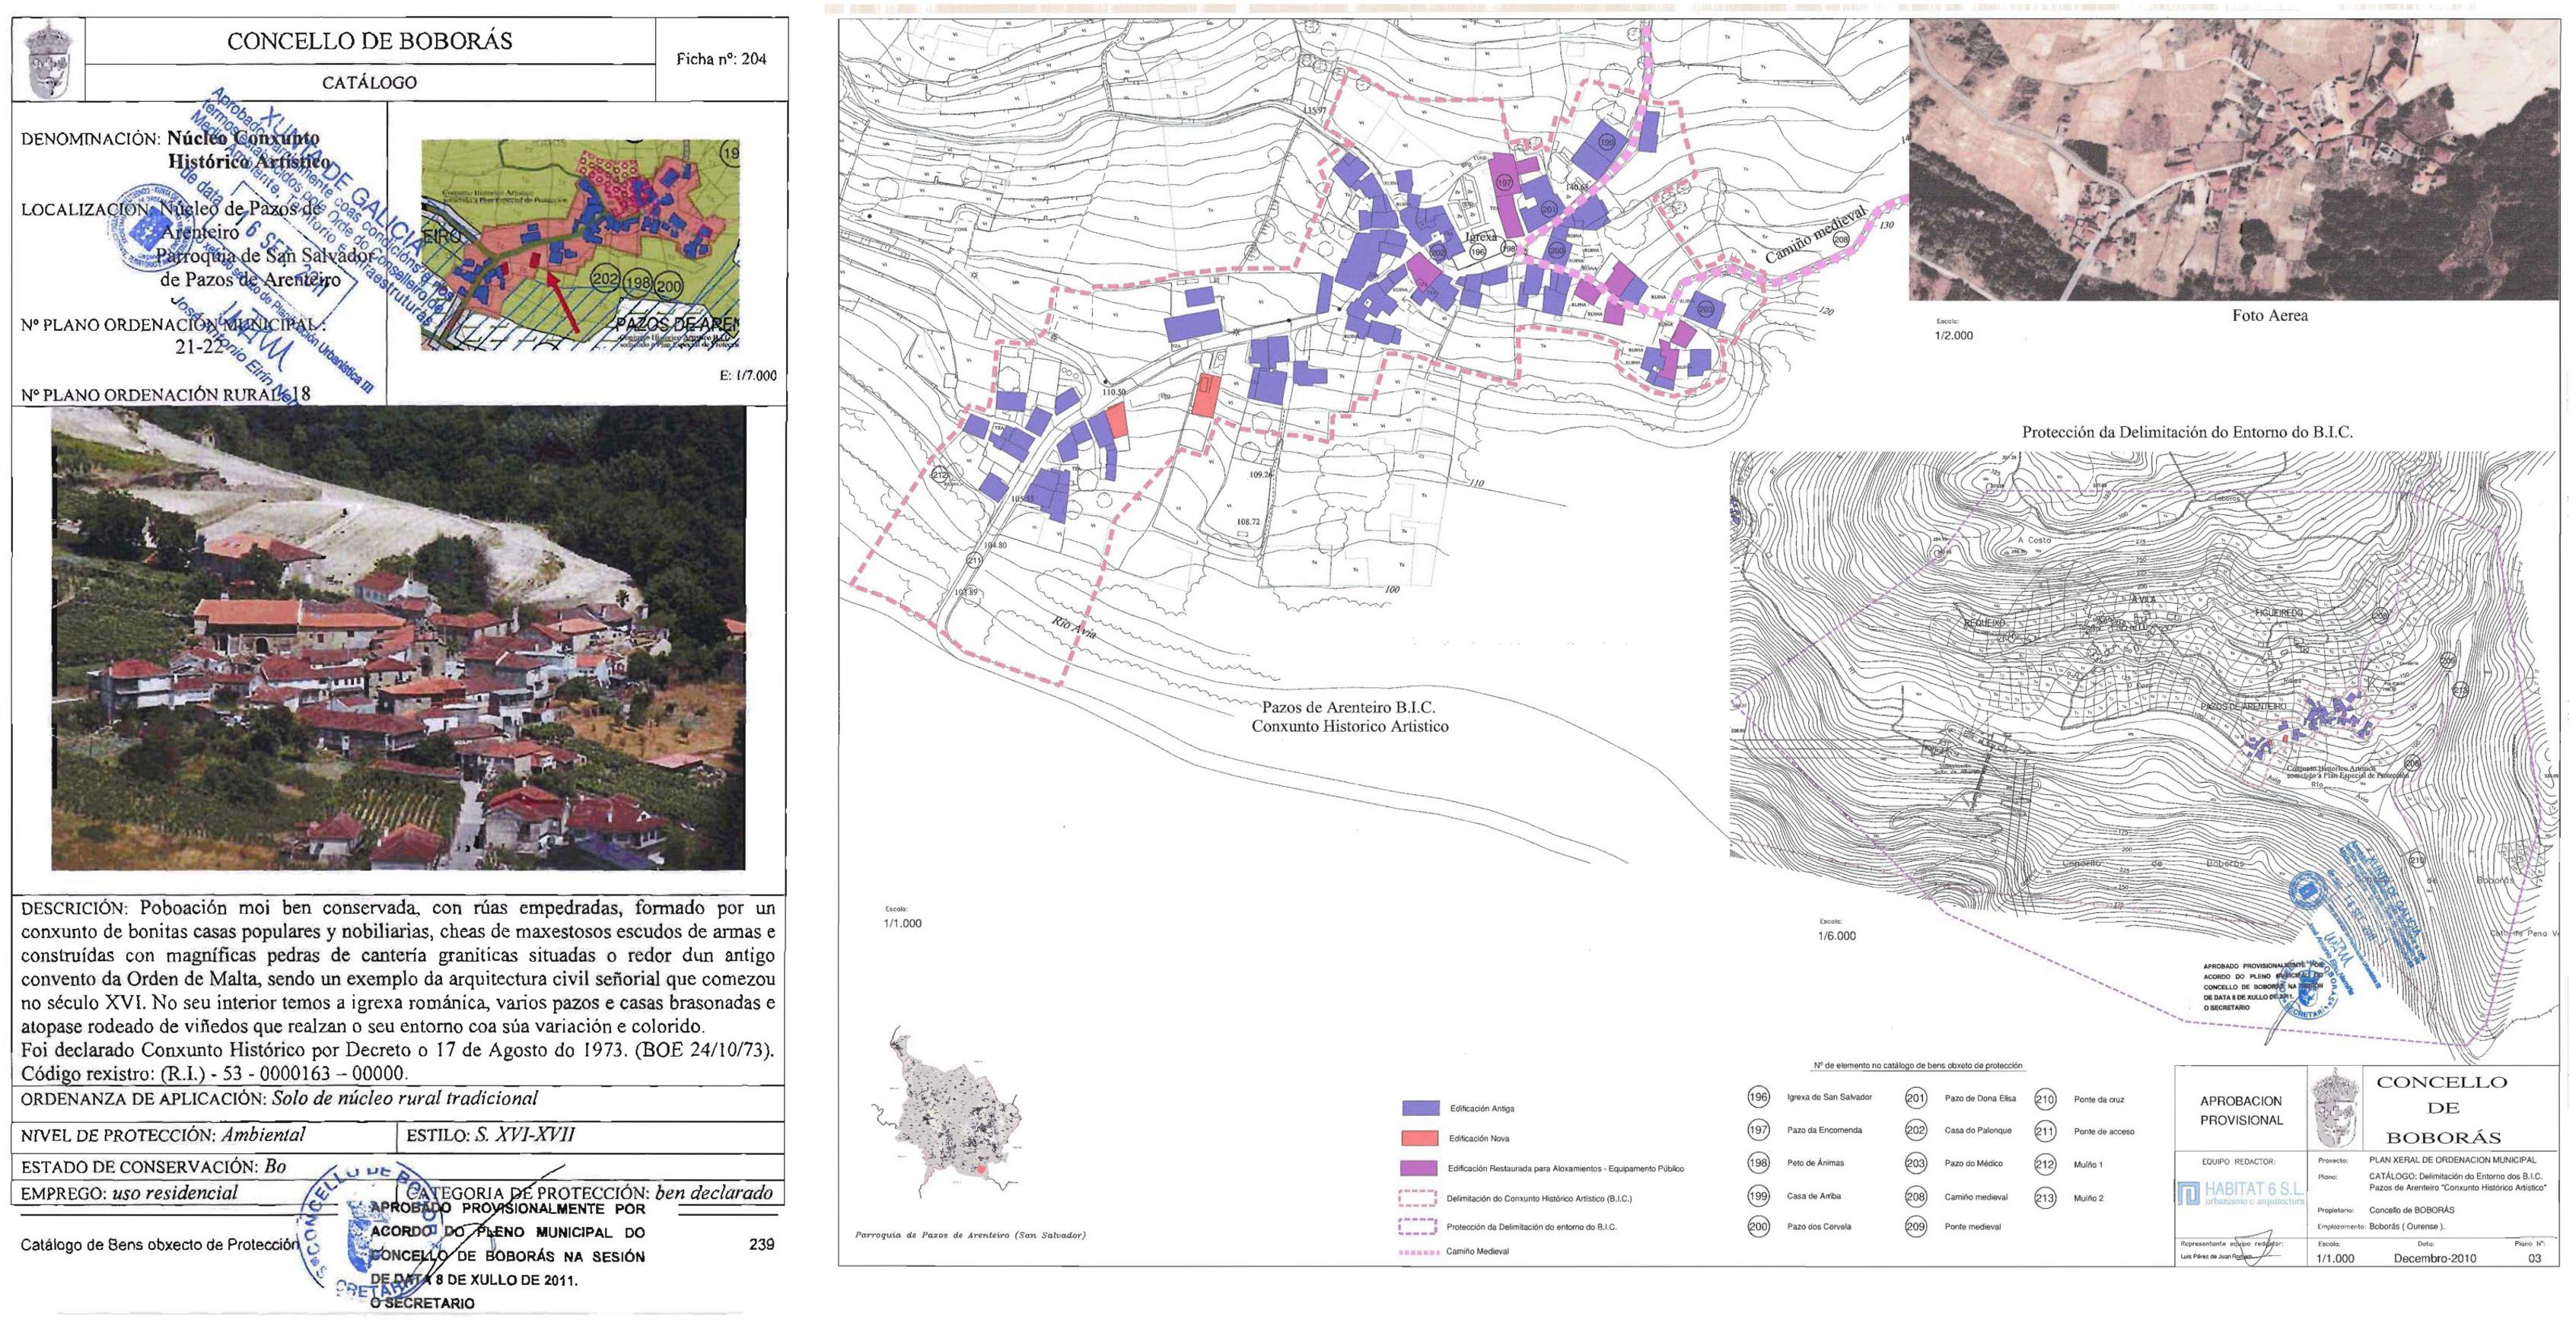 Ficha de catalogación del núcleo rural de Pazos de Arenteiro, Boborás, Ourense. Plan General de Ordenación de Boborás: núcleo conjunto histórico artístico.